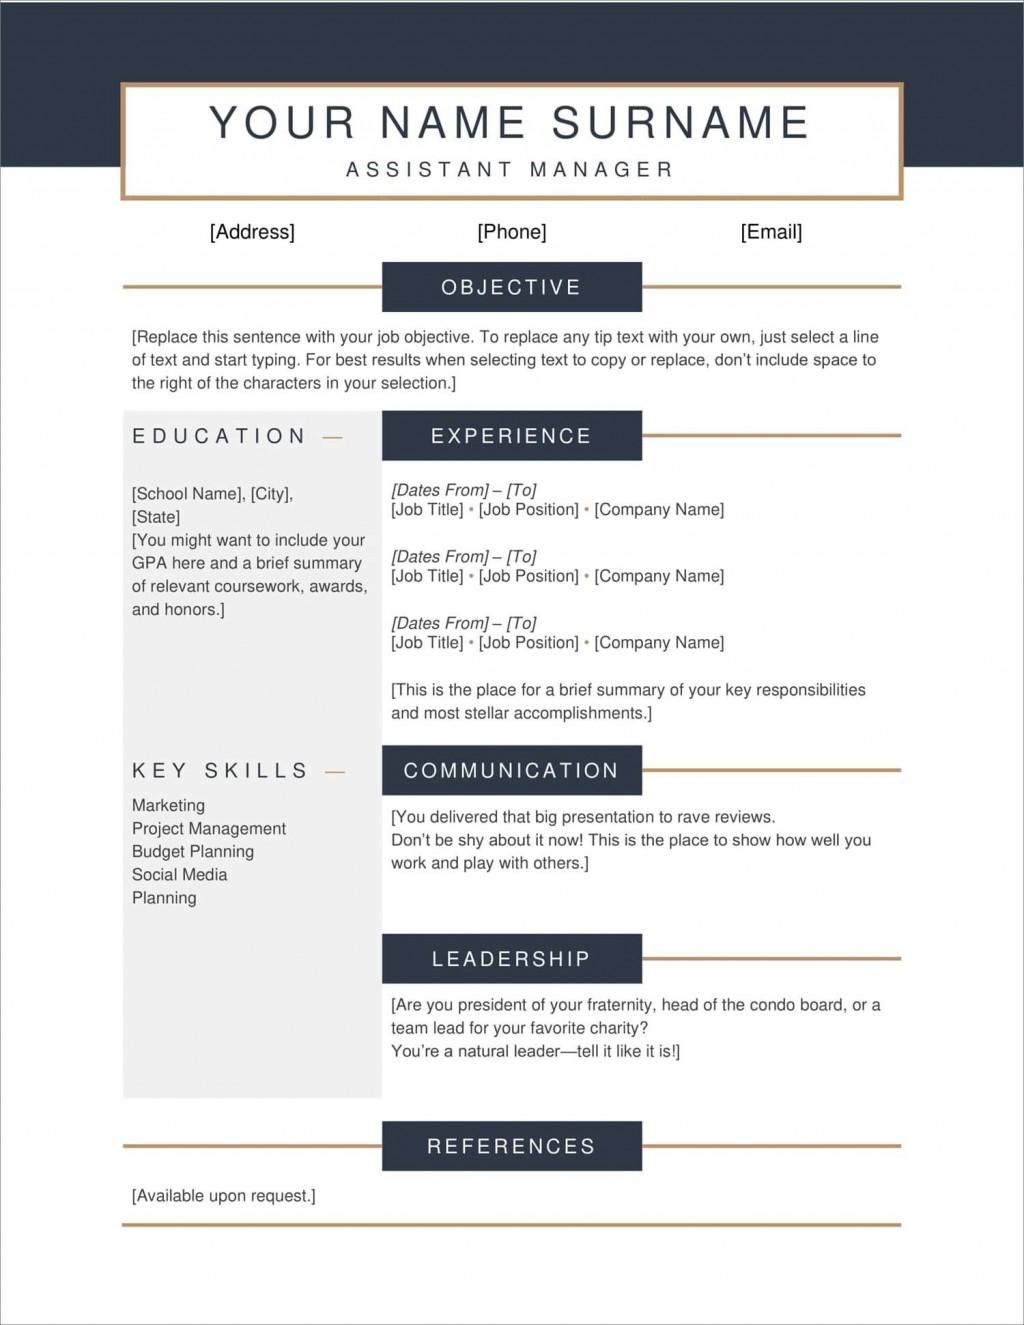 005 Fantastic Create A Resume Template Free Idea  Your Own WritingLarge